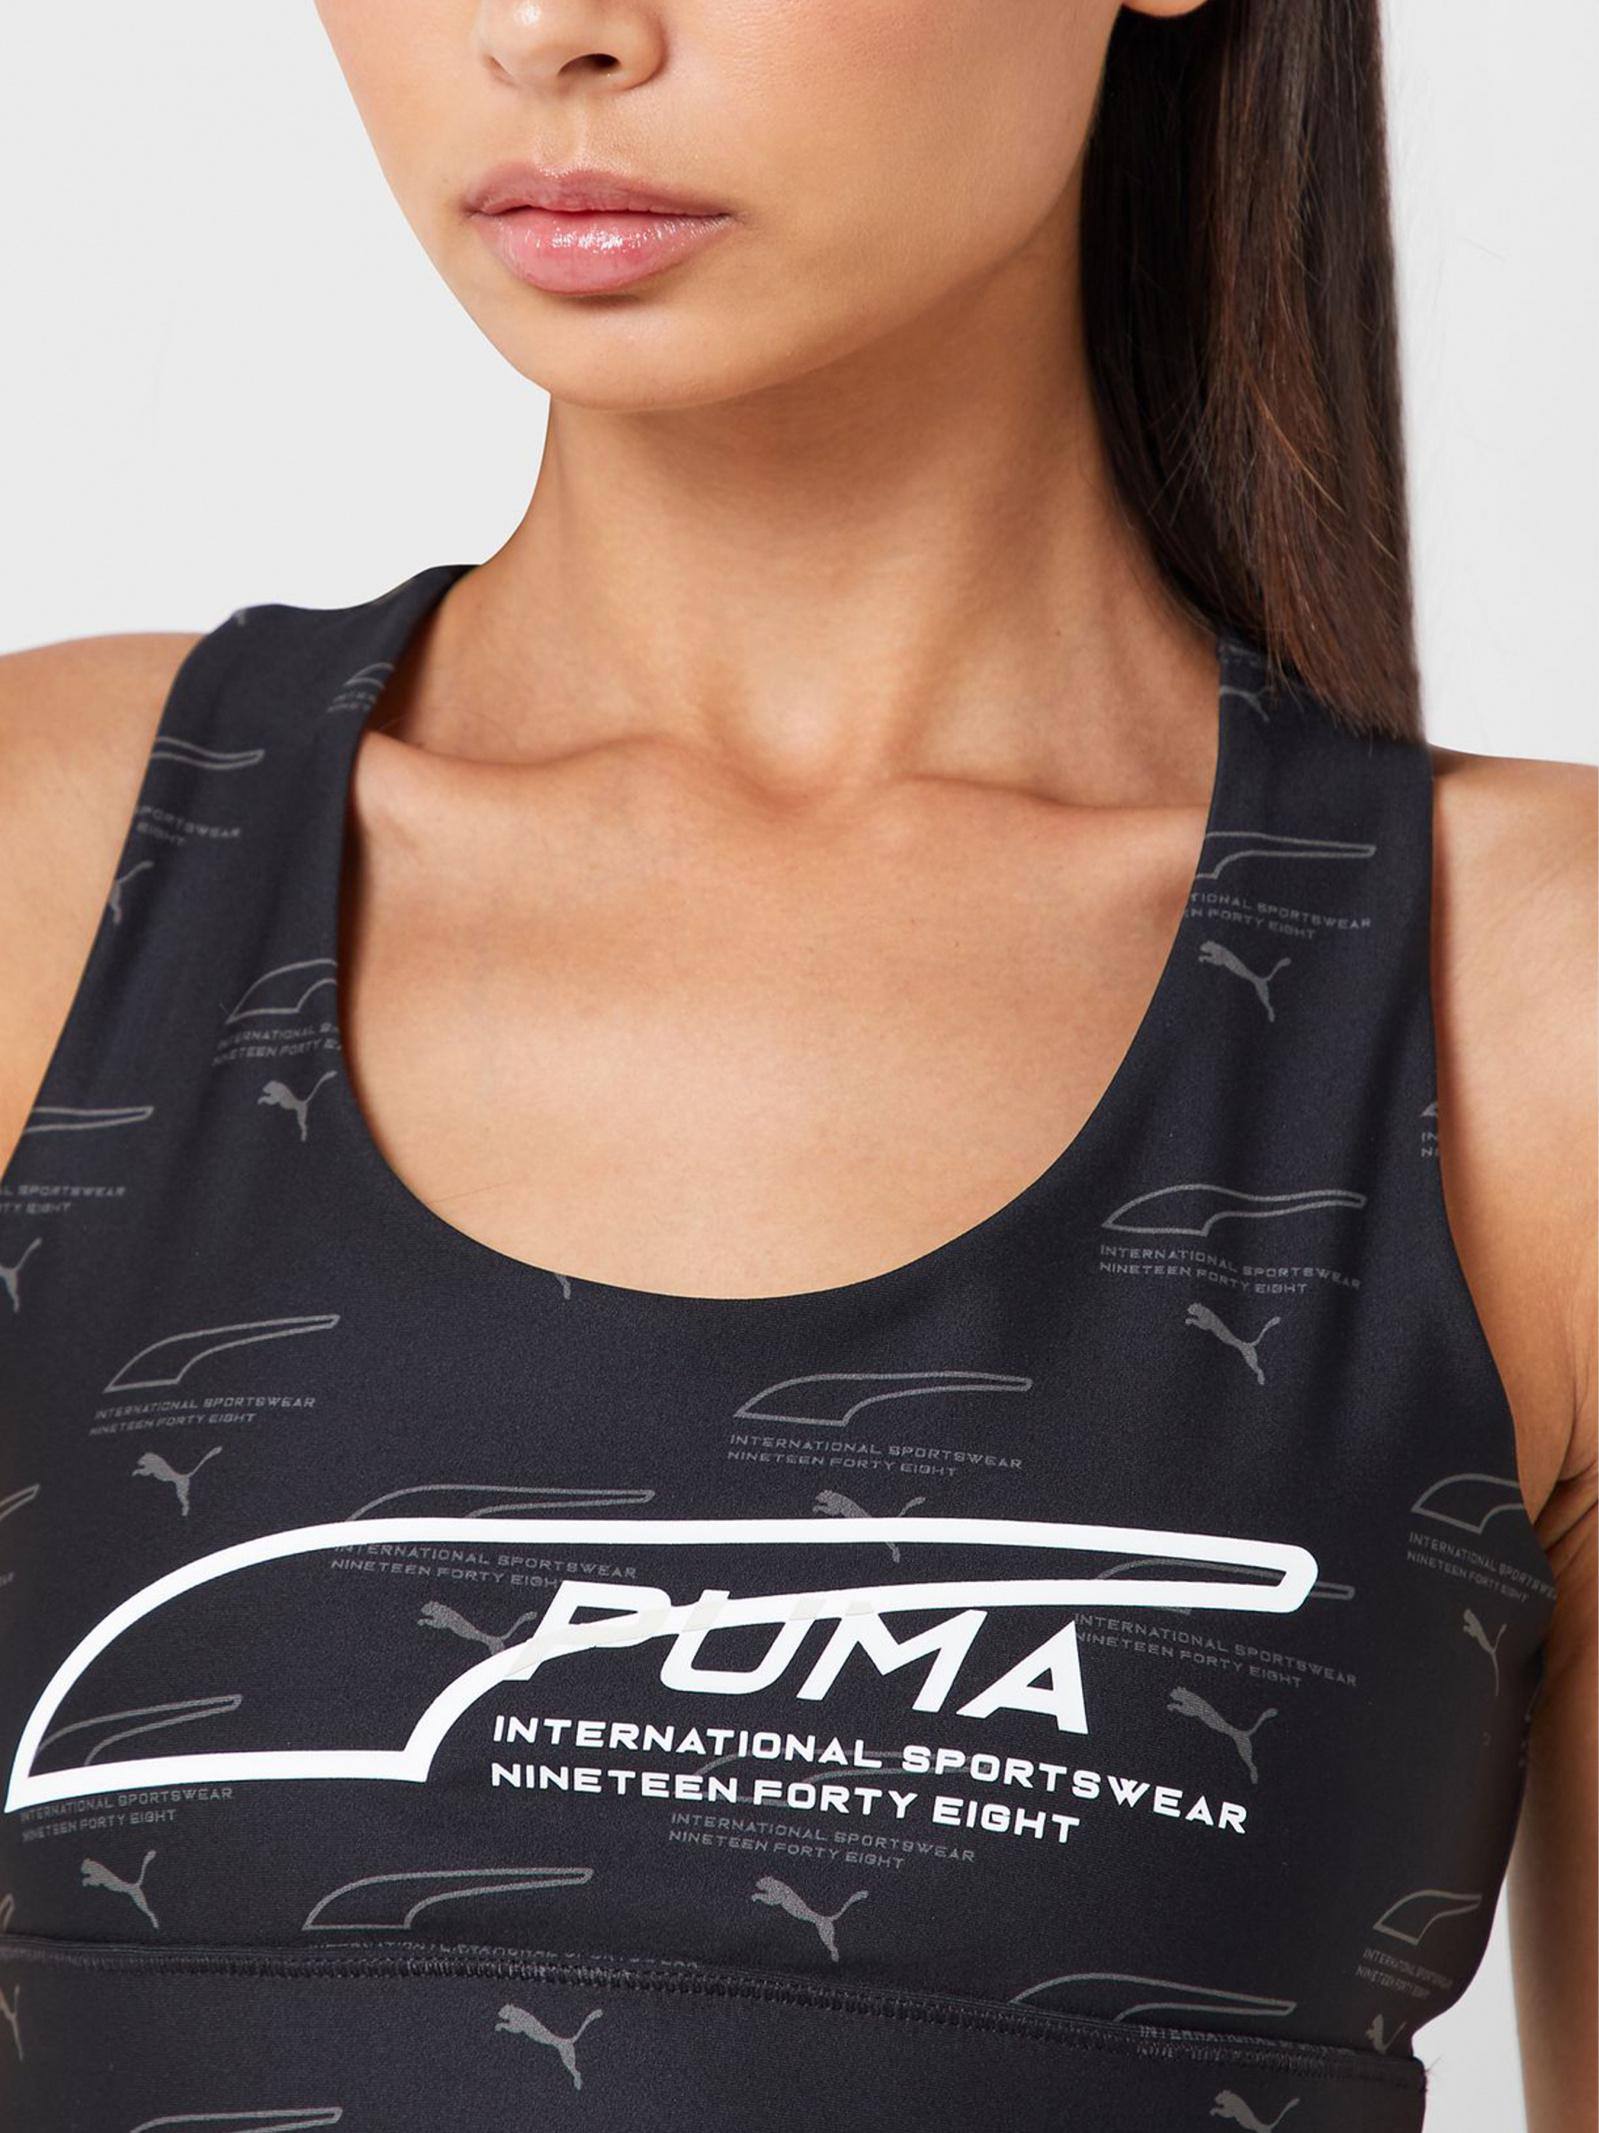 PUMA Топ жіночі модель 59670451 купити, 2017